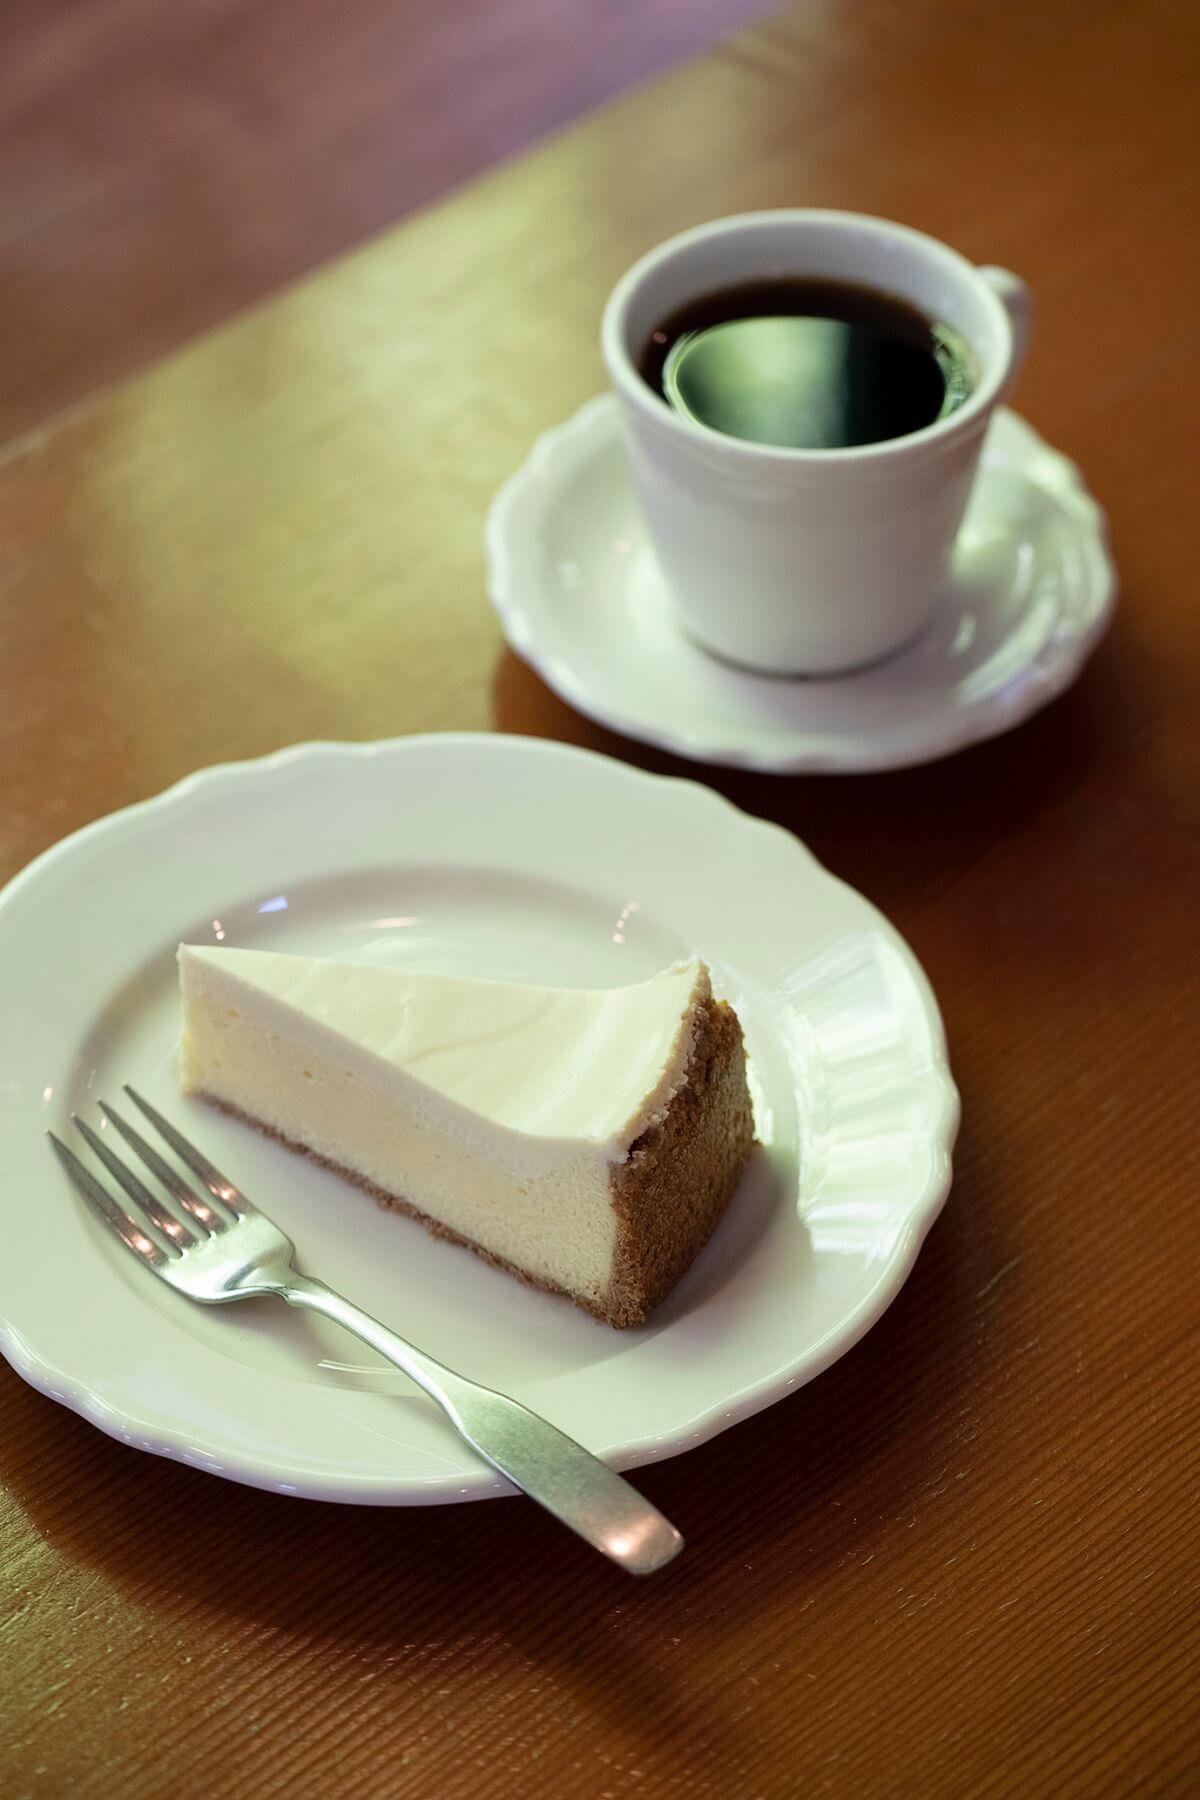 北海道産クリームチーズを使うチーズケーキとコーヒーのセ ット1000円。季節のパイも人気。